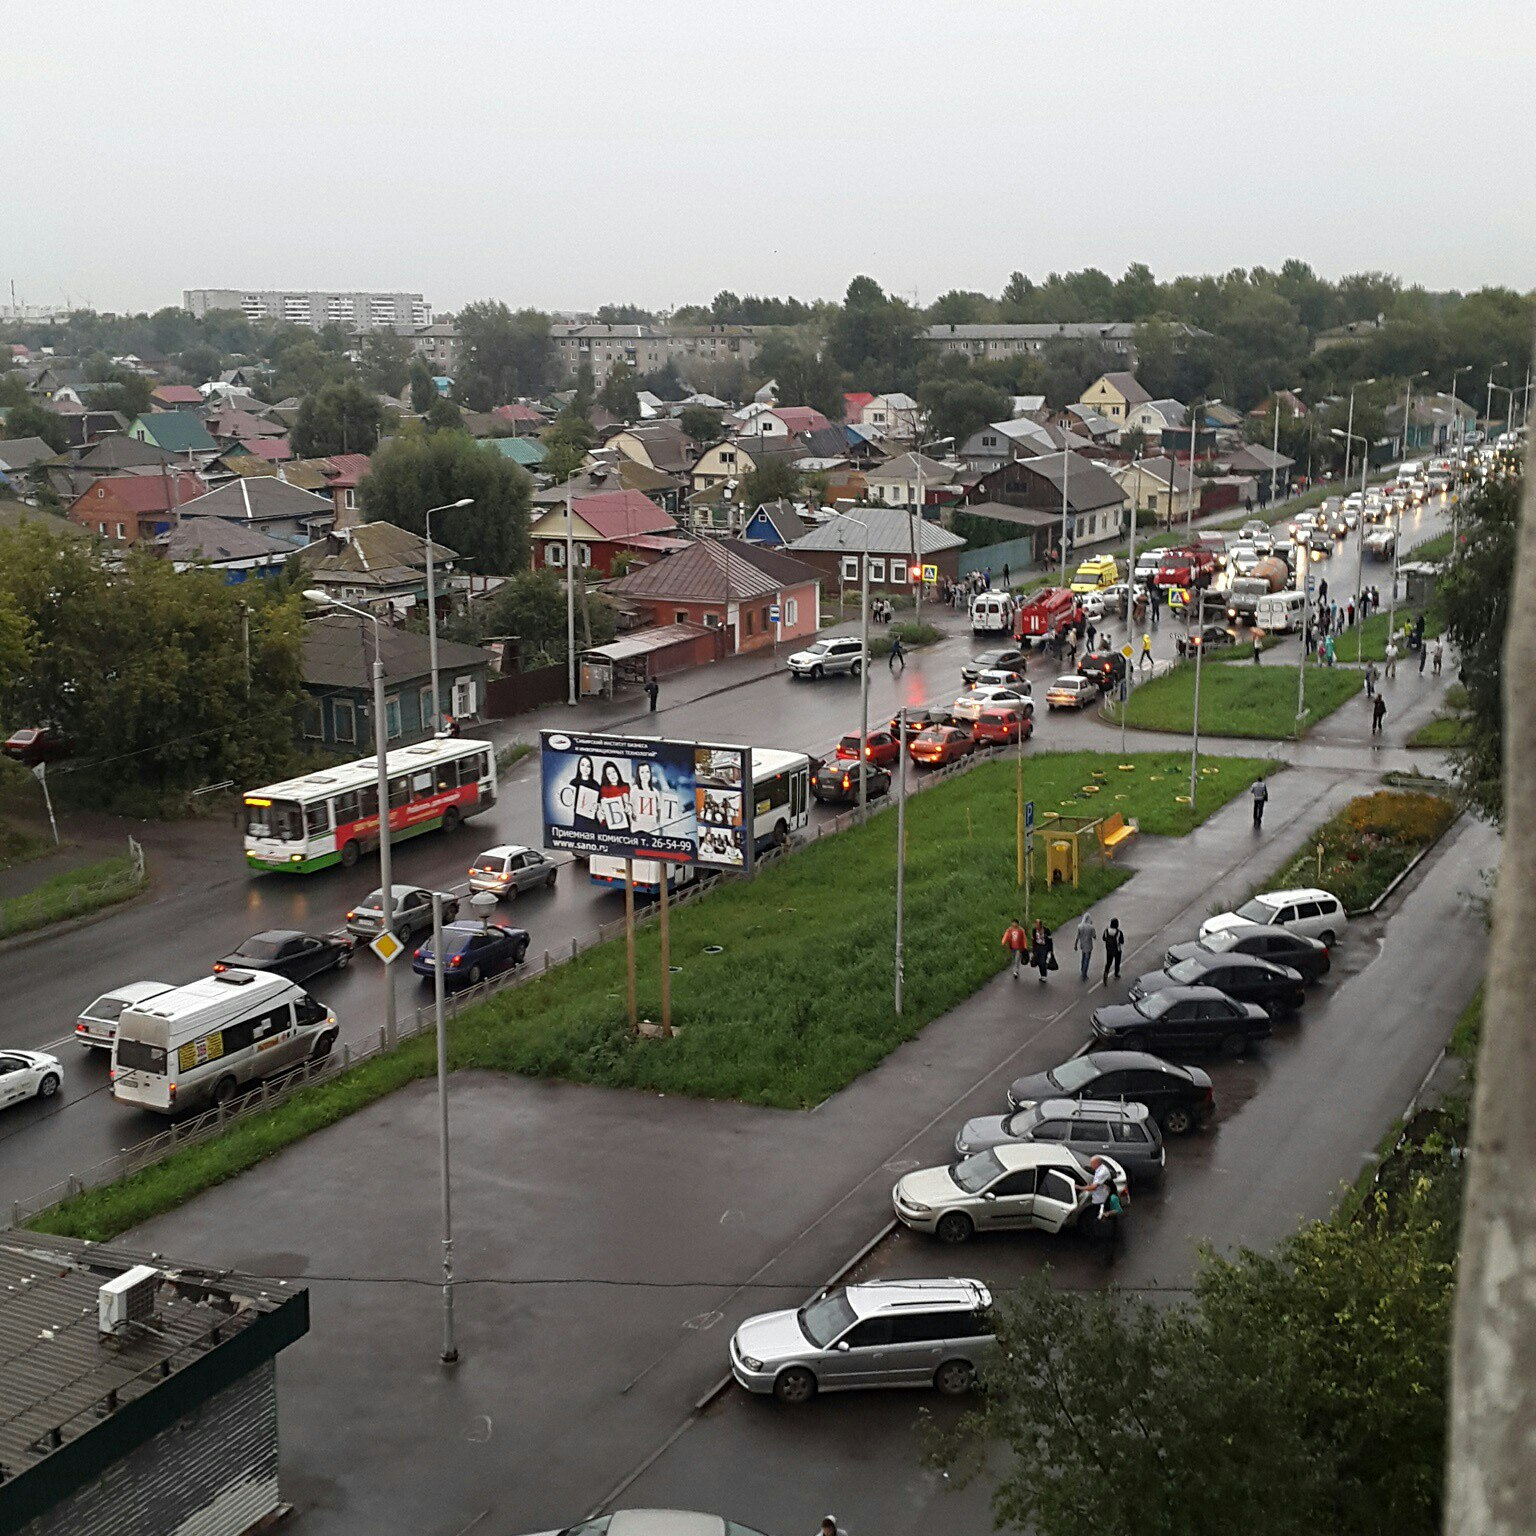 ДТП счетырьмя автомобилями навстречке вОмске попало навидео